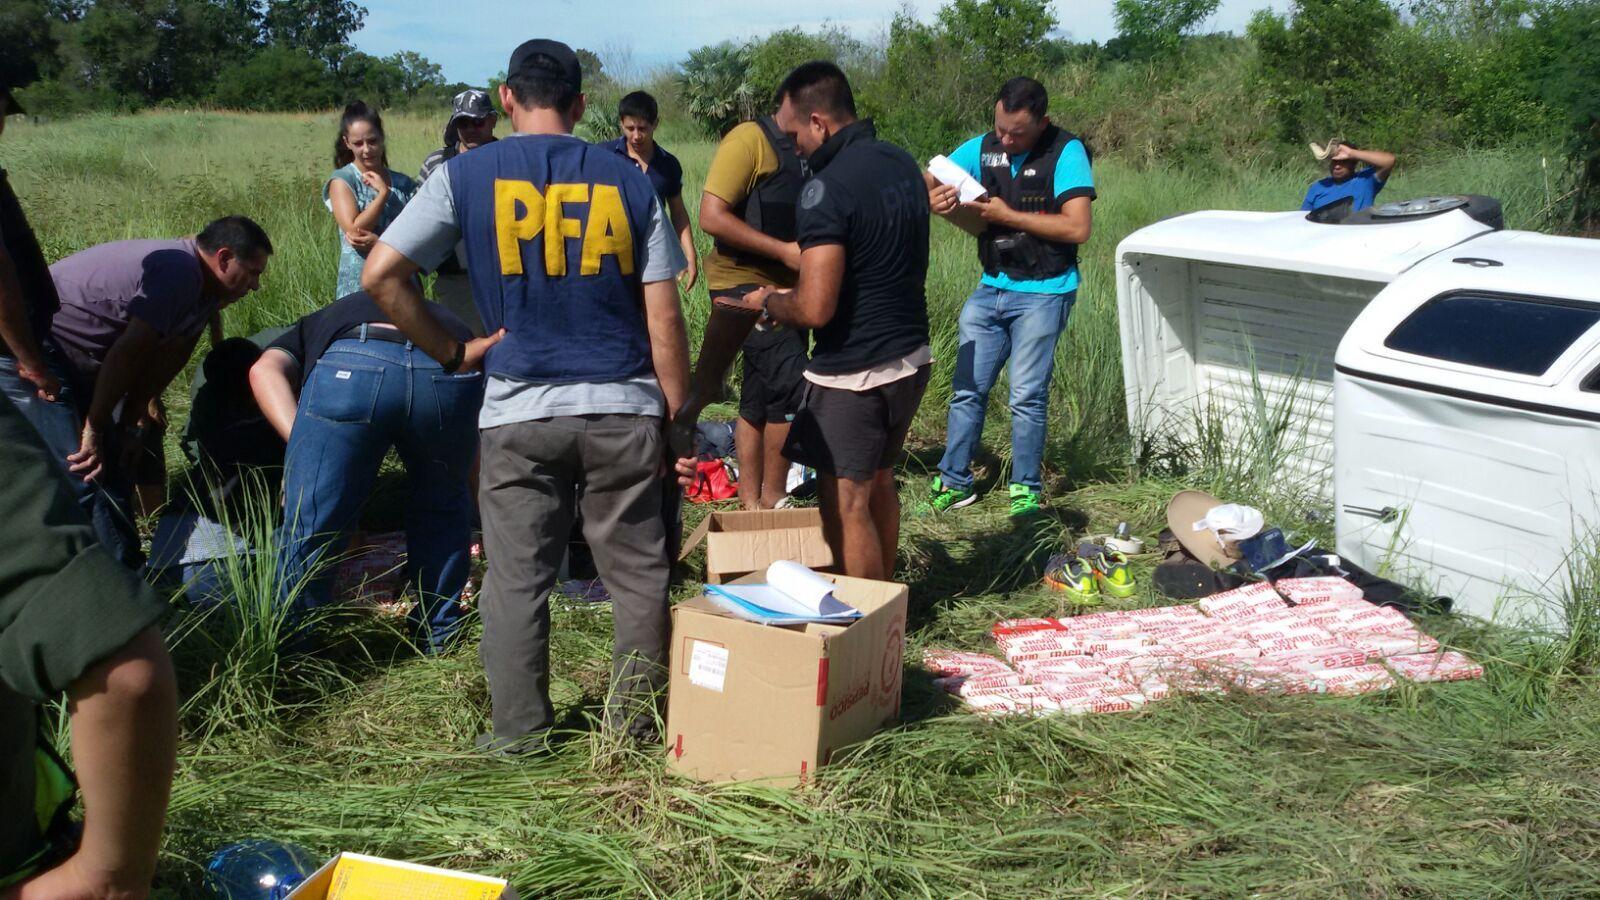 Escándalo en Formosa: encontraron a un funcionario con 50 kg de cocaína